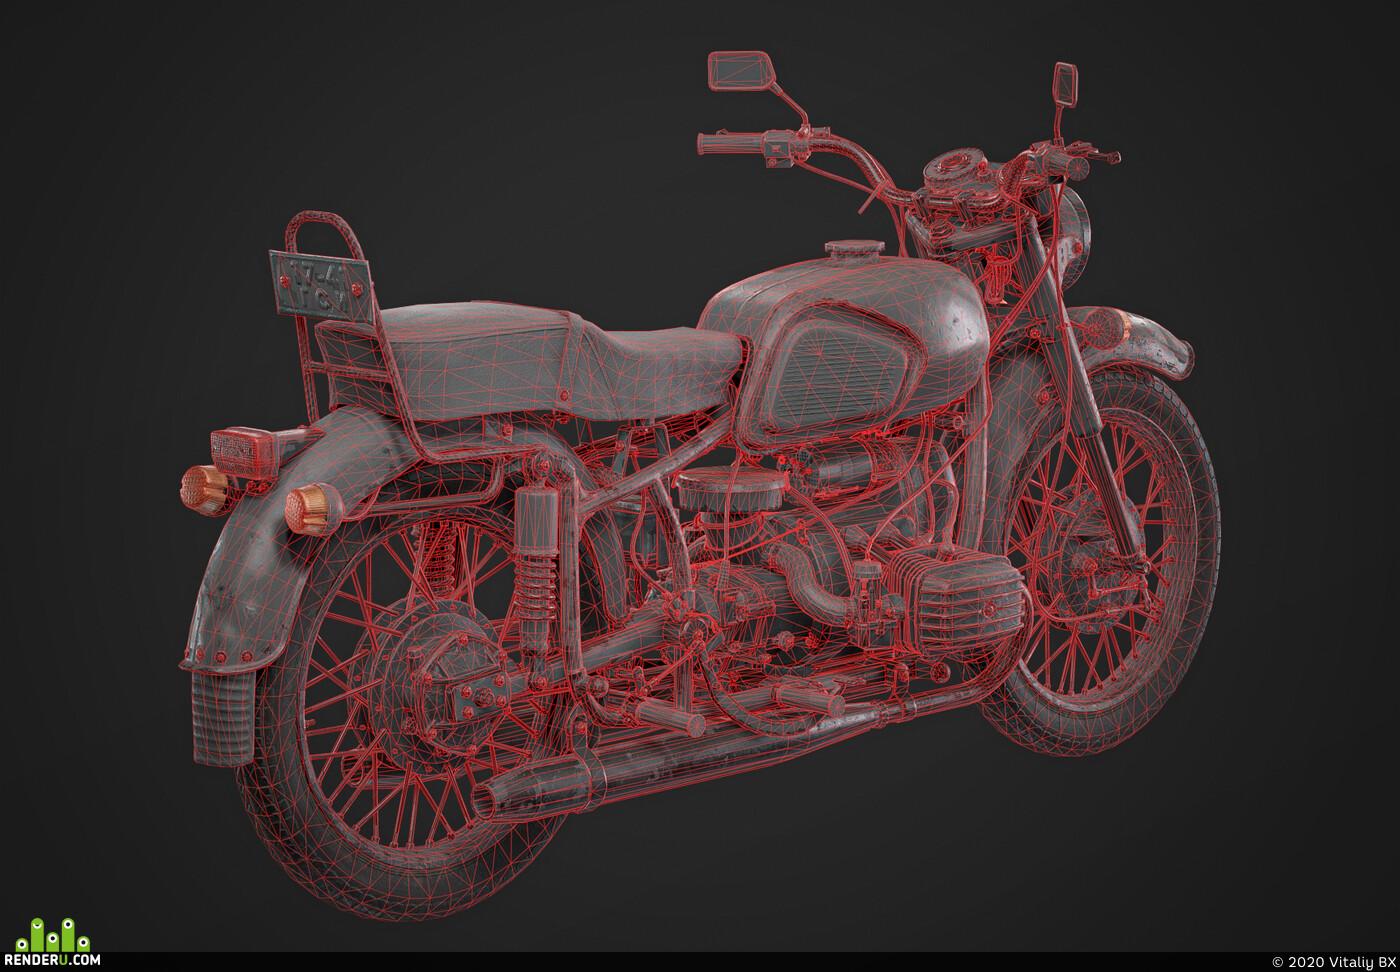 bike, Dnieper, motorcycle